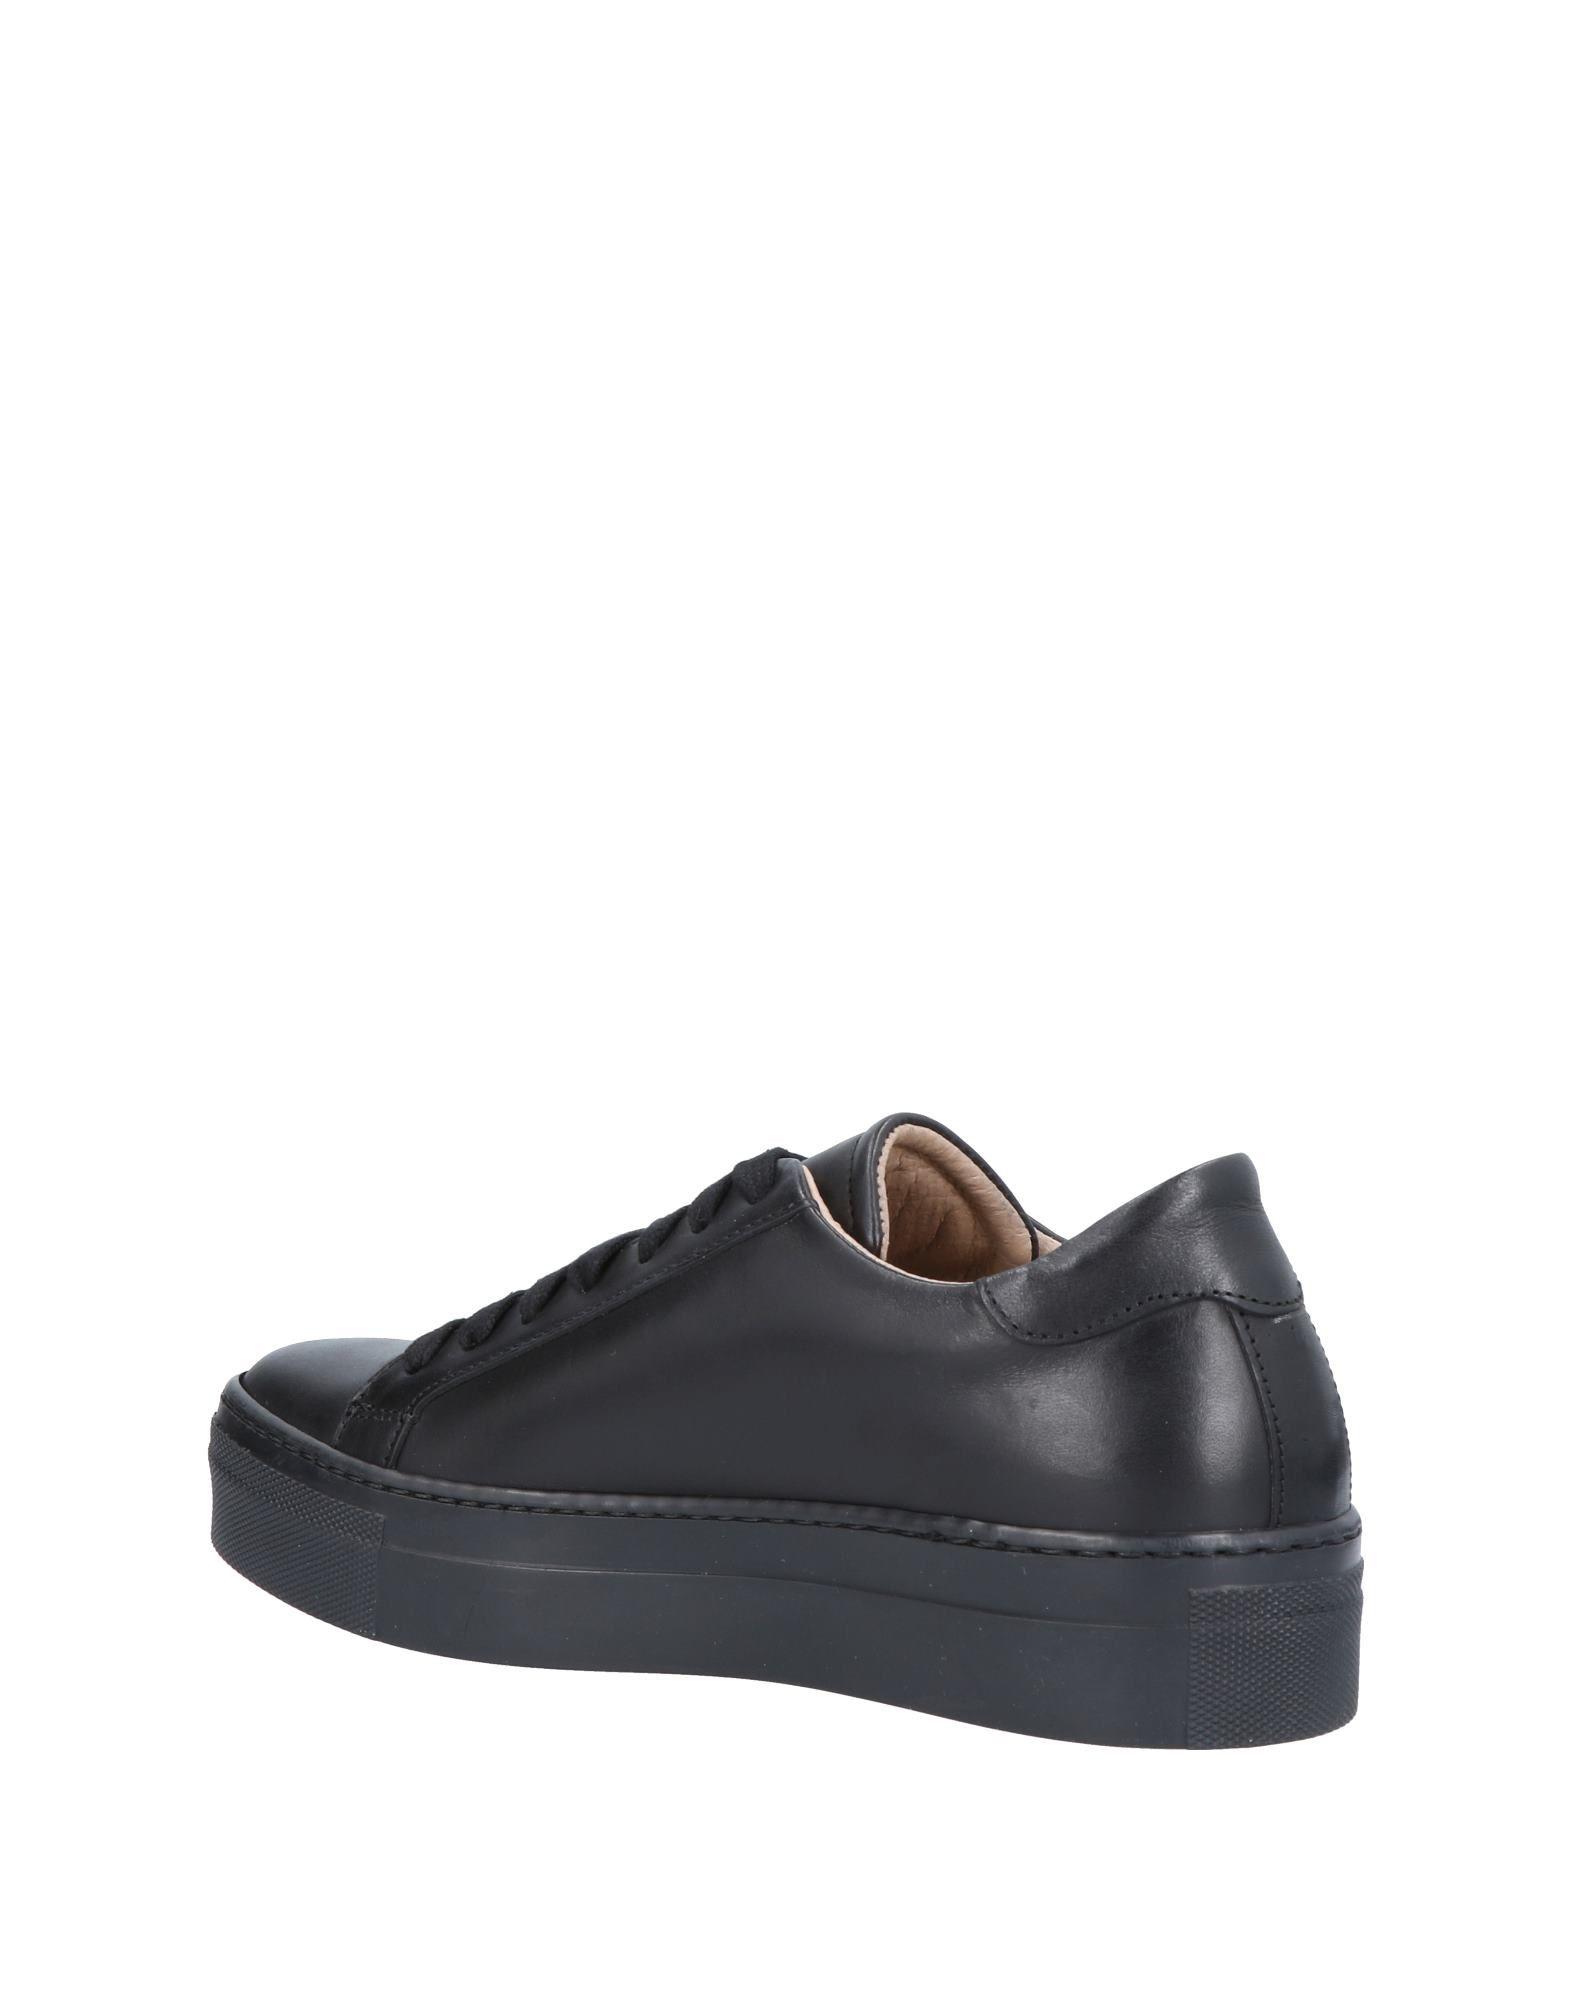 Stele Sneakers Damen Damen Sneakers  11469235WG 23d870